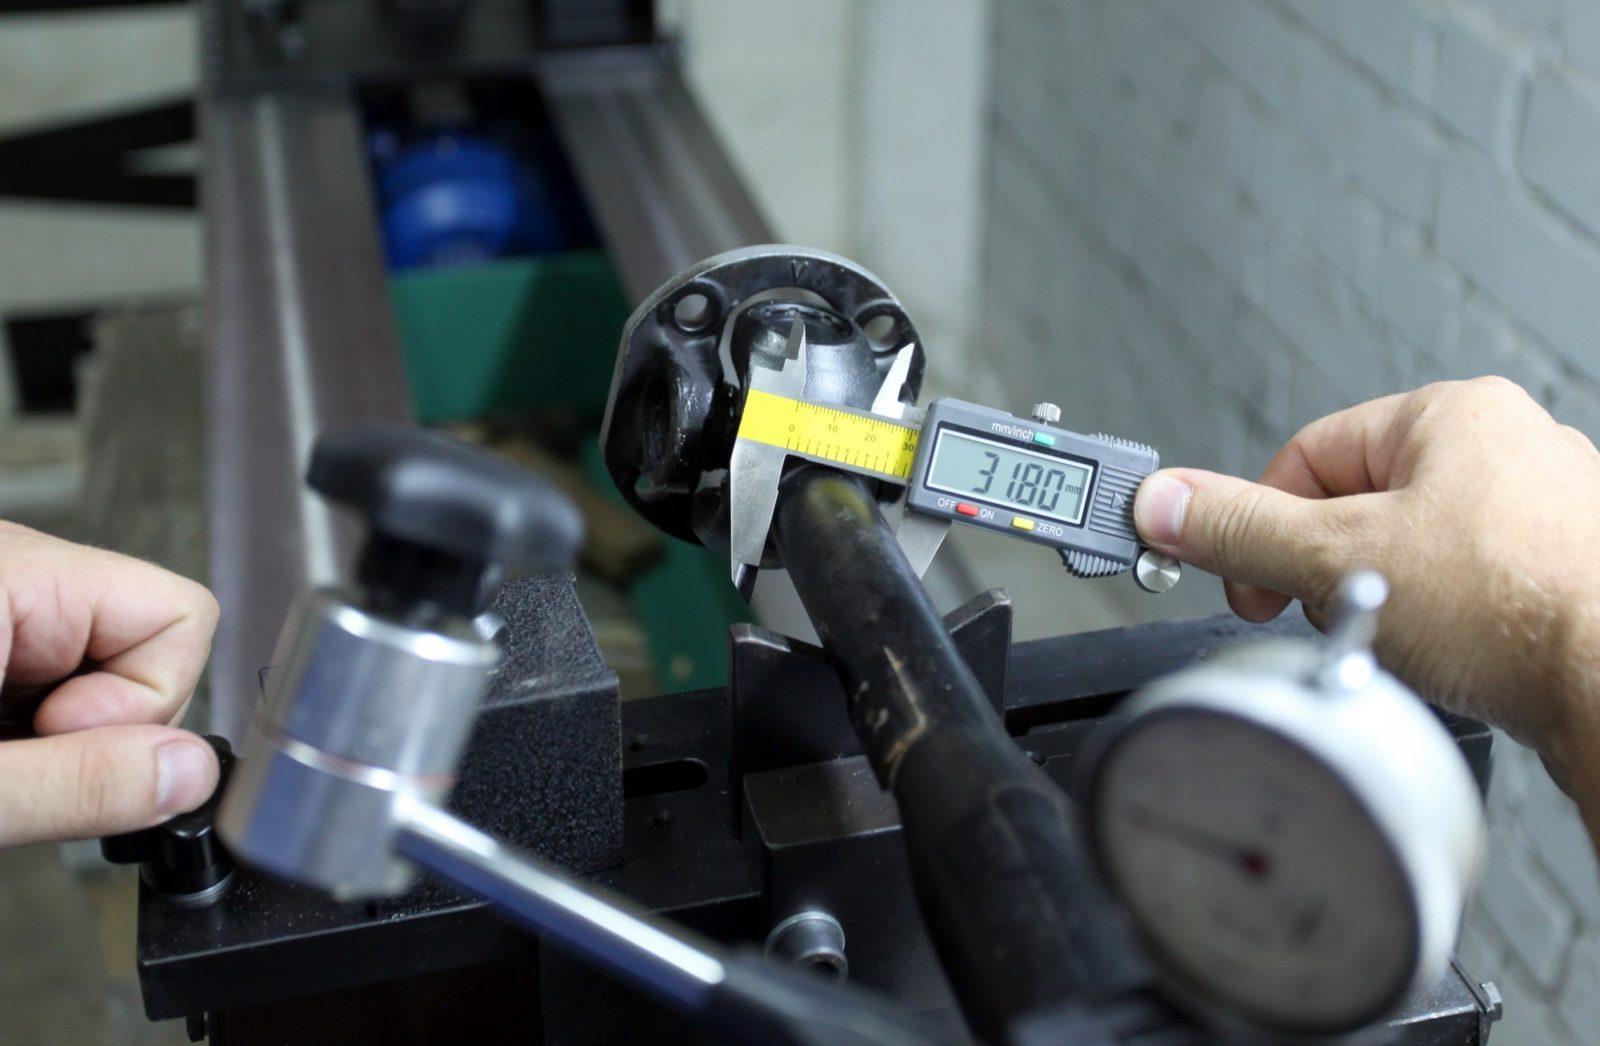 Диагностика рулевых передач. Восстановление карданного механизма